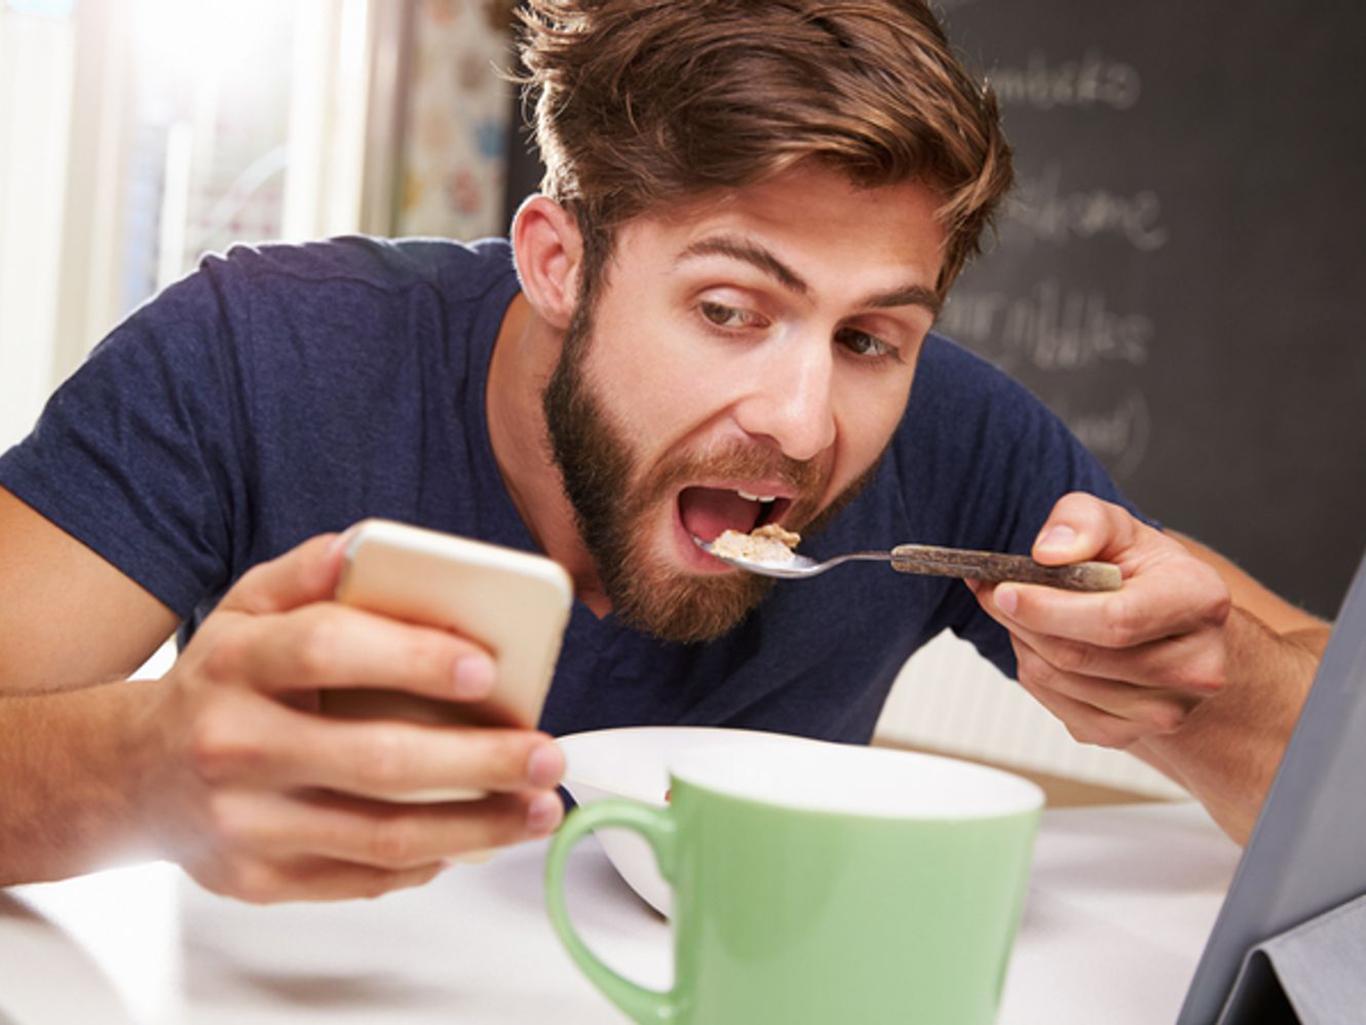 Польза или вред? 13 продуктов, которые не рекомендуют есть на пустой желудок